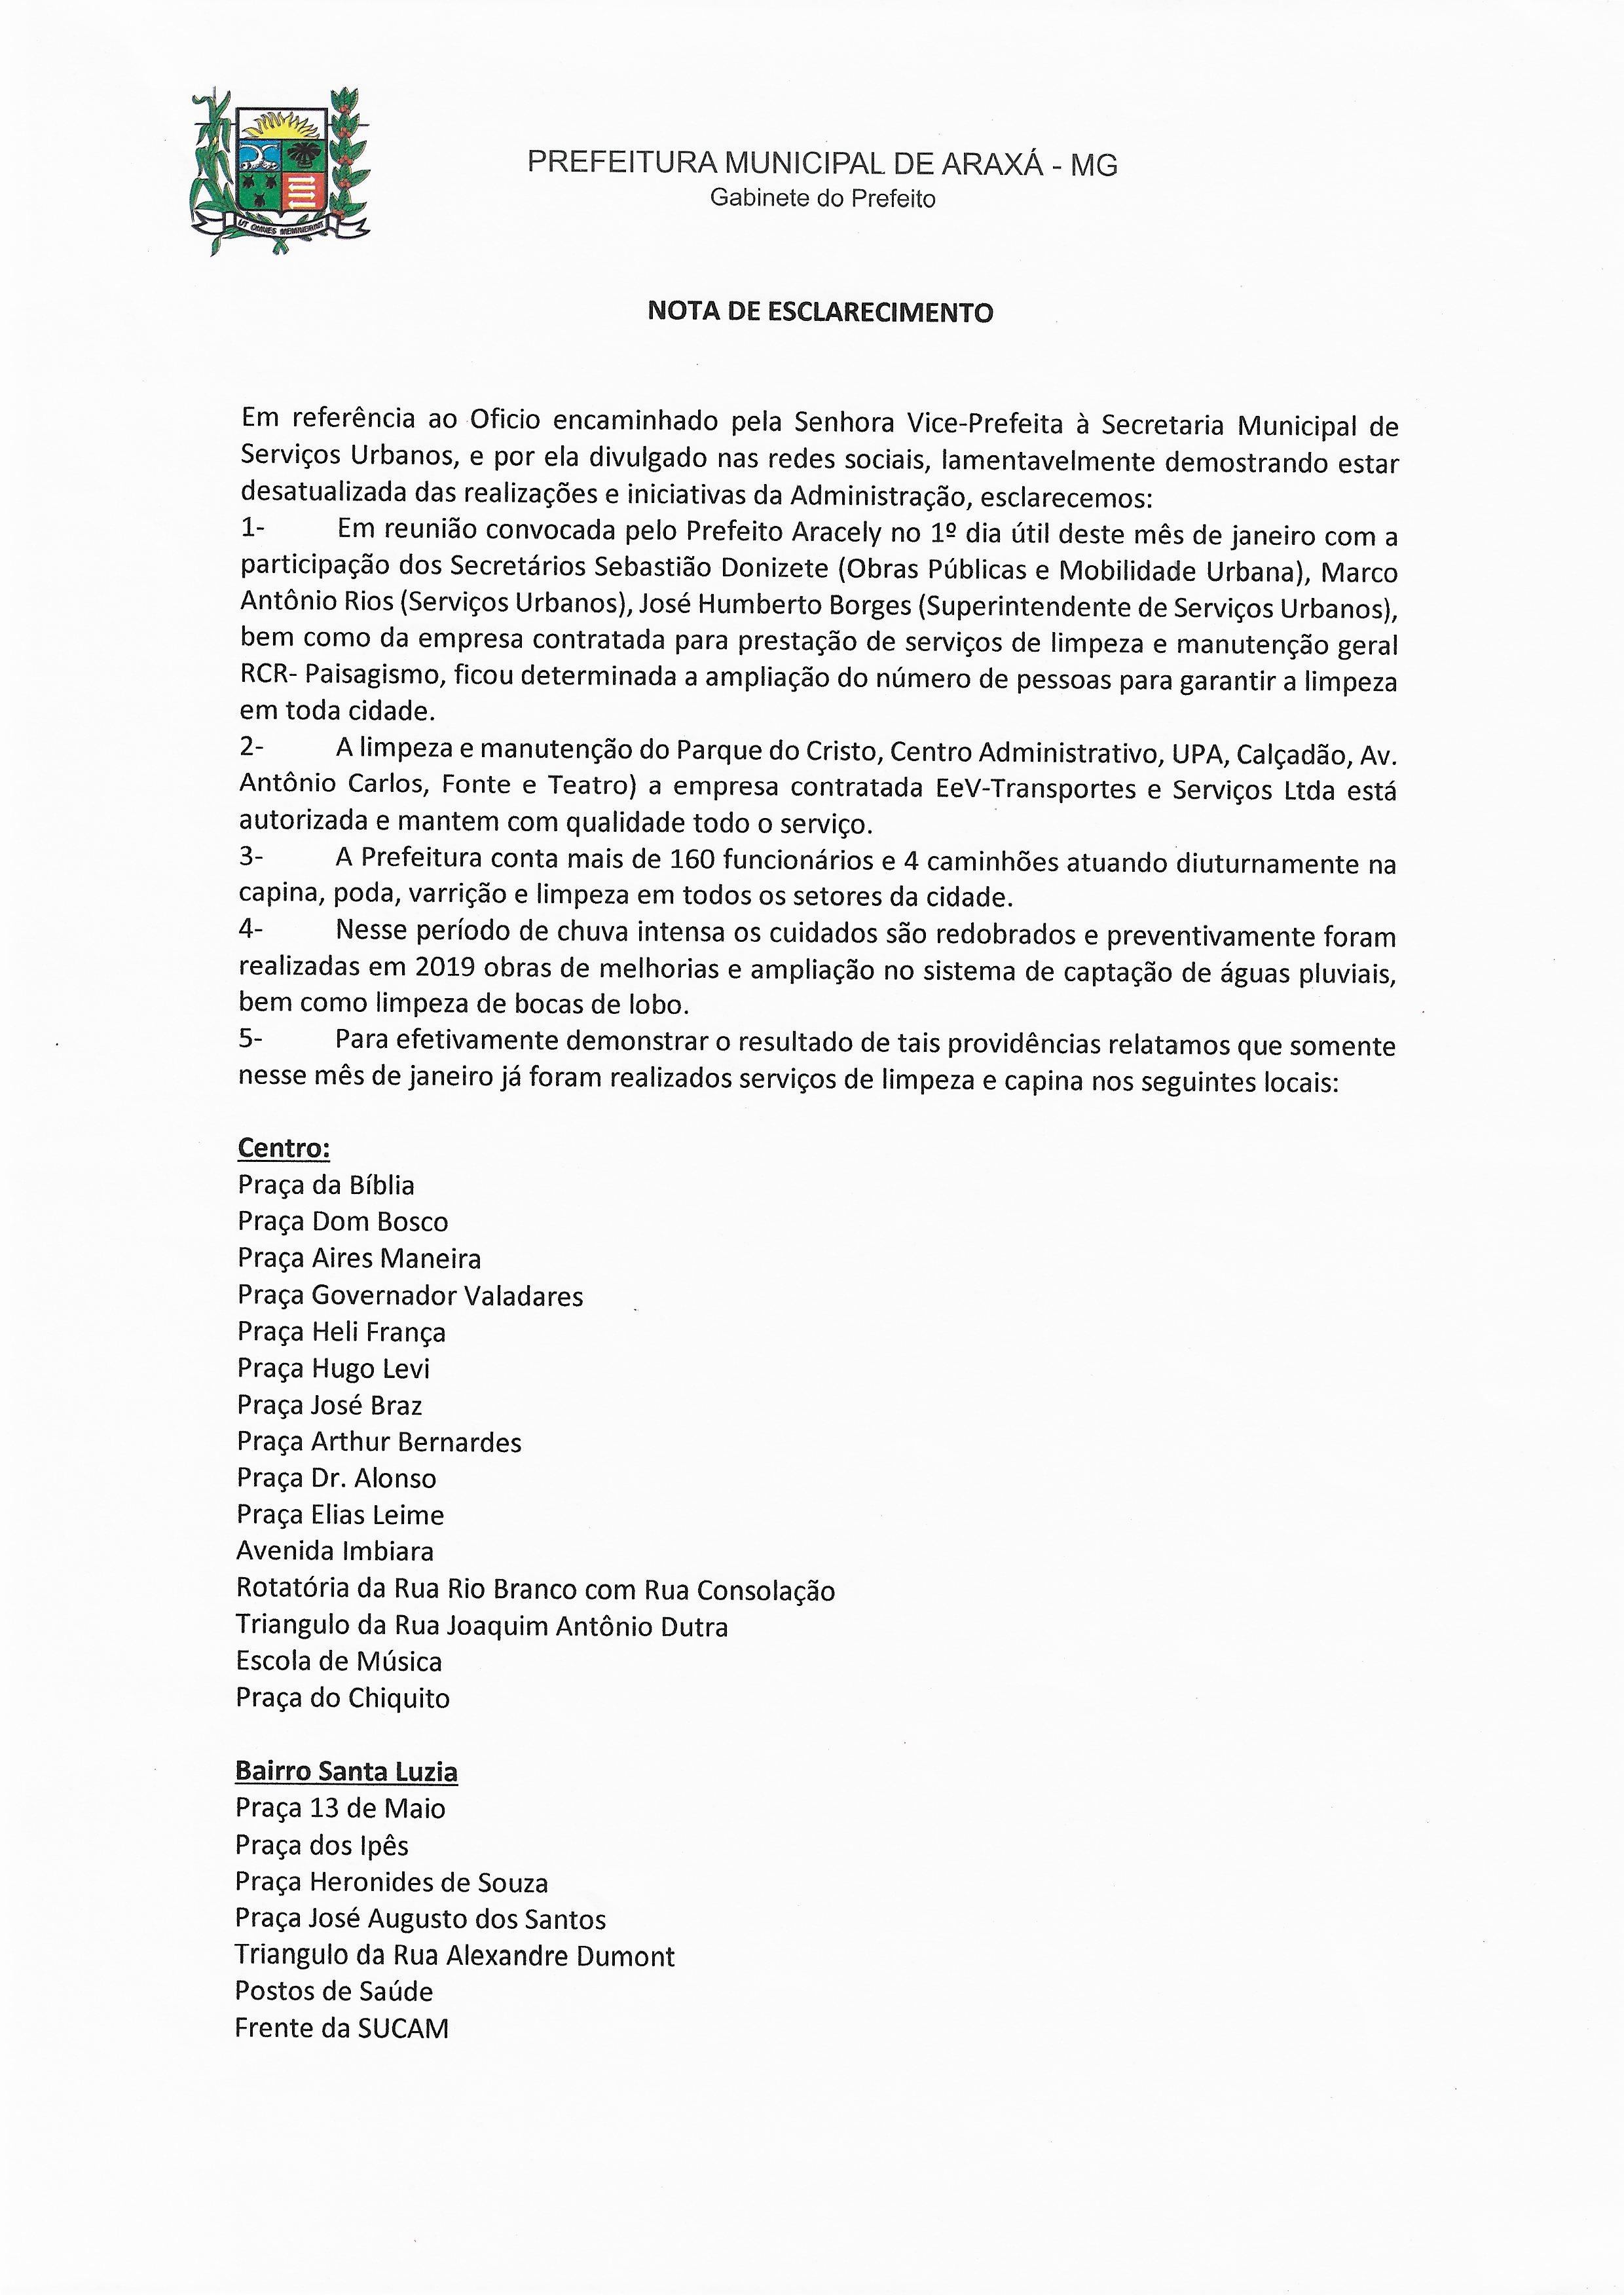 Nota de Esclarecimento PMA em referência ao Ofício encaminhado pela Senhora Vice-Prefeita à Secretaria de Serviços Urbanos